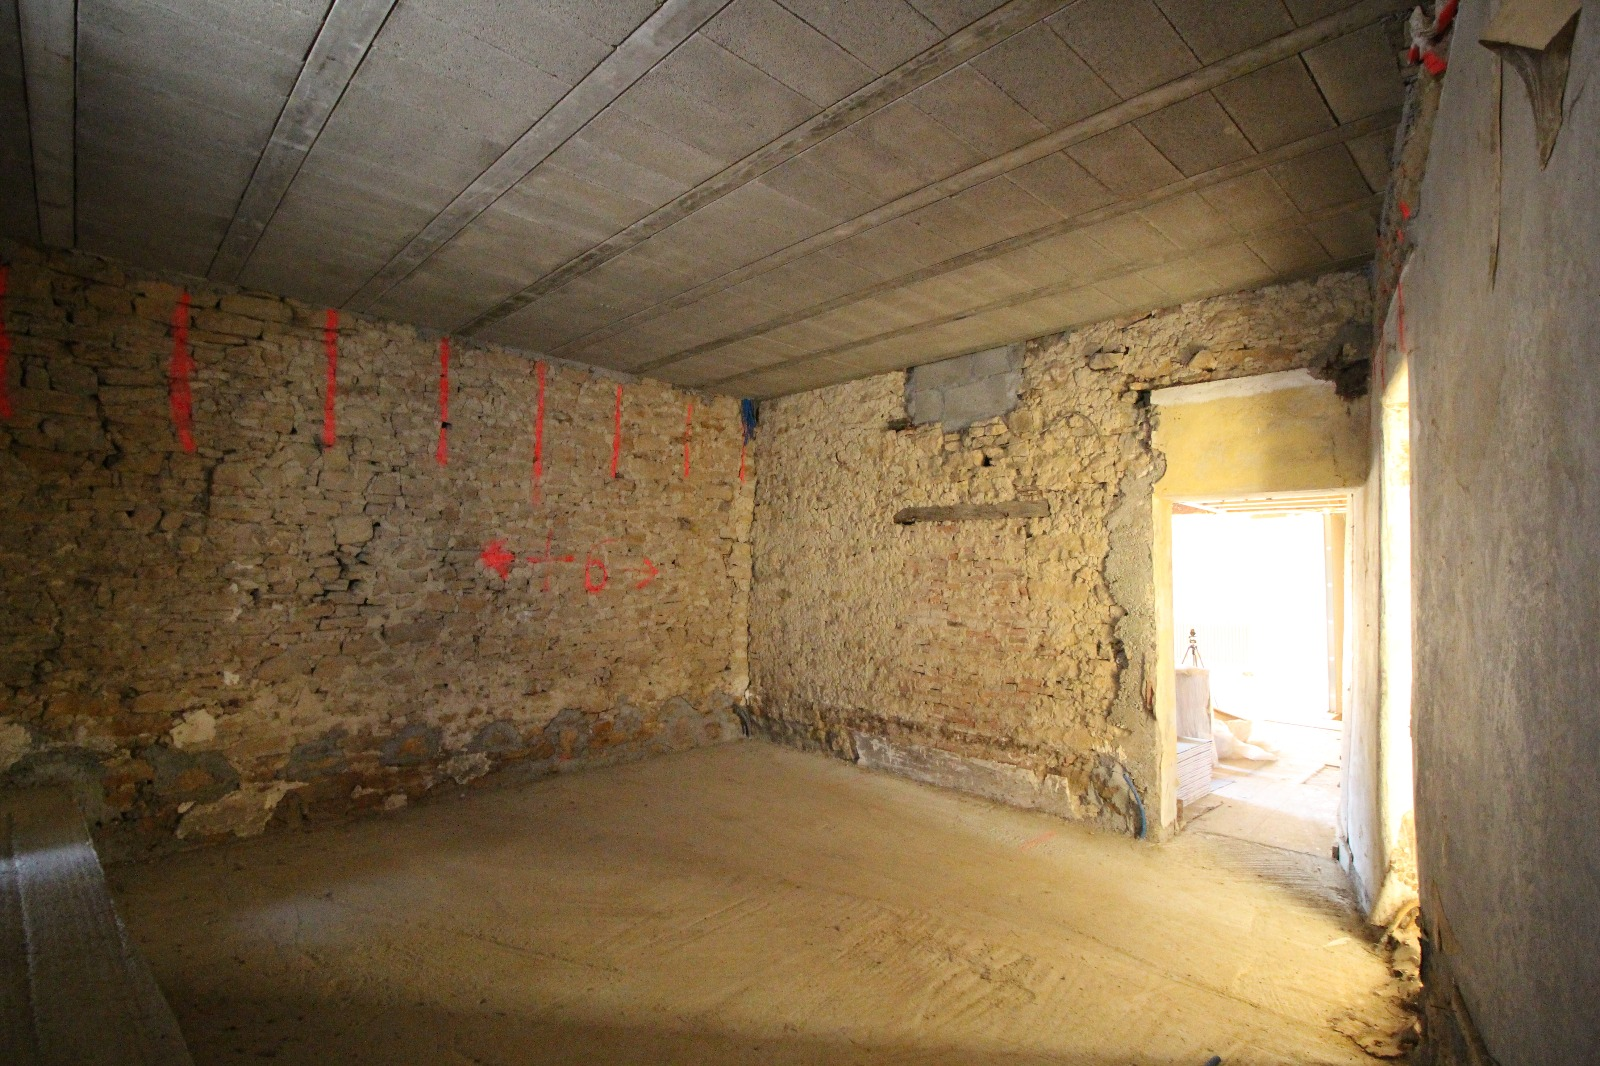 vente secteur toulouse le chateau a vendre maison restaurer dans sa totalit 94 m 3d. Black Bedroom Furniture Sets. Home Design Ideas